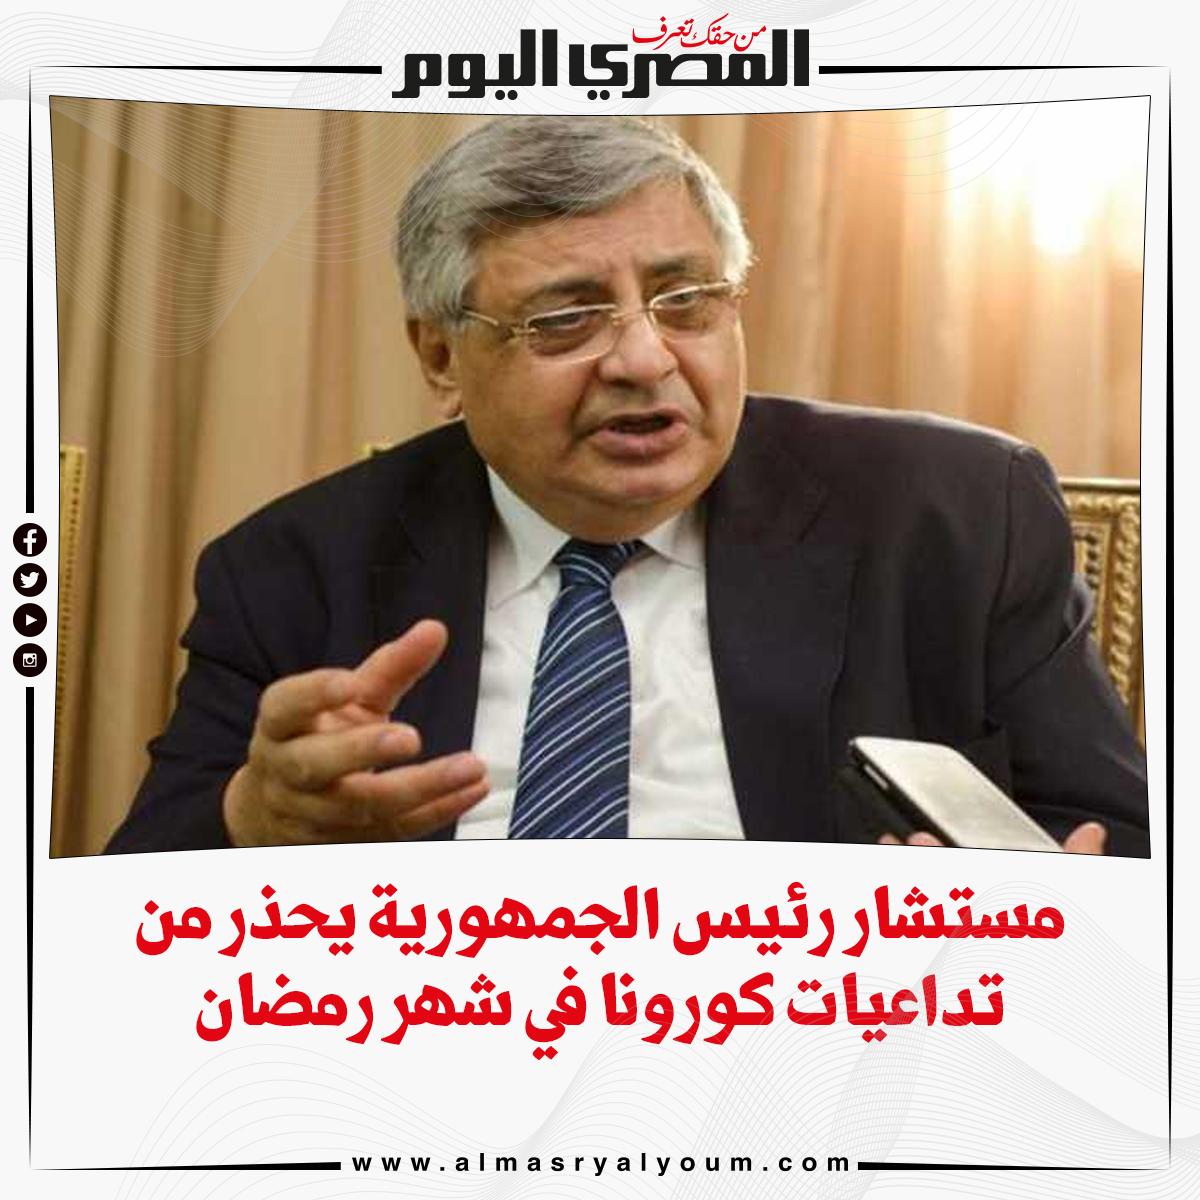 مستشار رئيس الجمهورية يحذر من تداعيات #كورونا في شهر رمضان